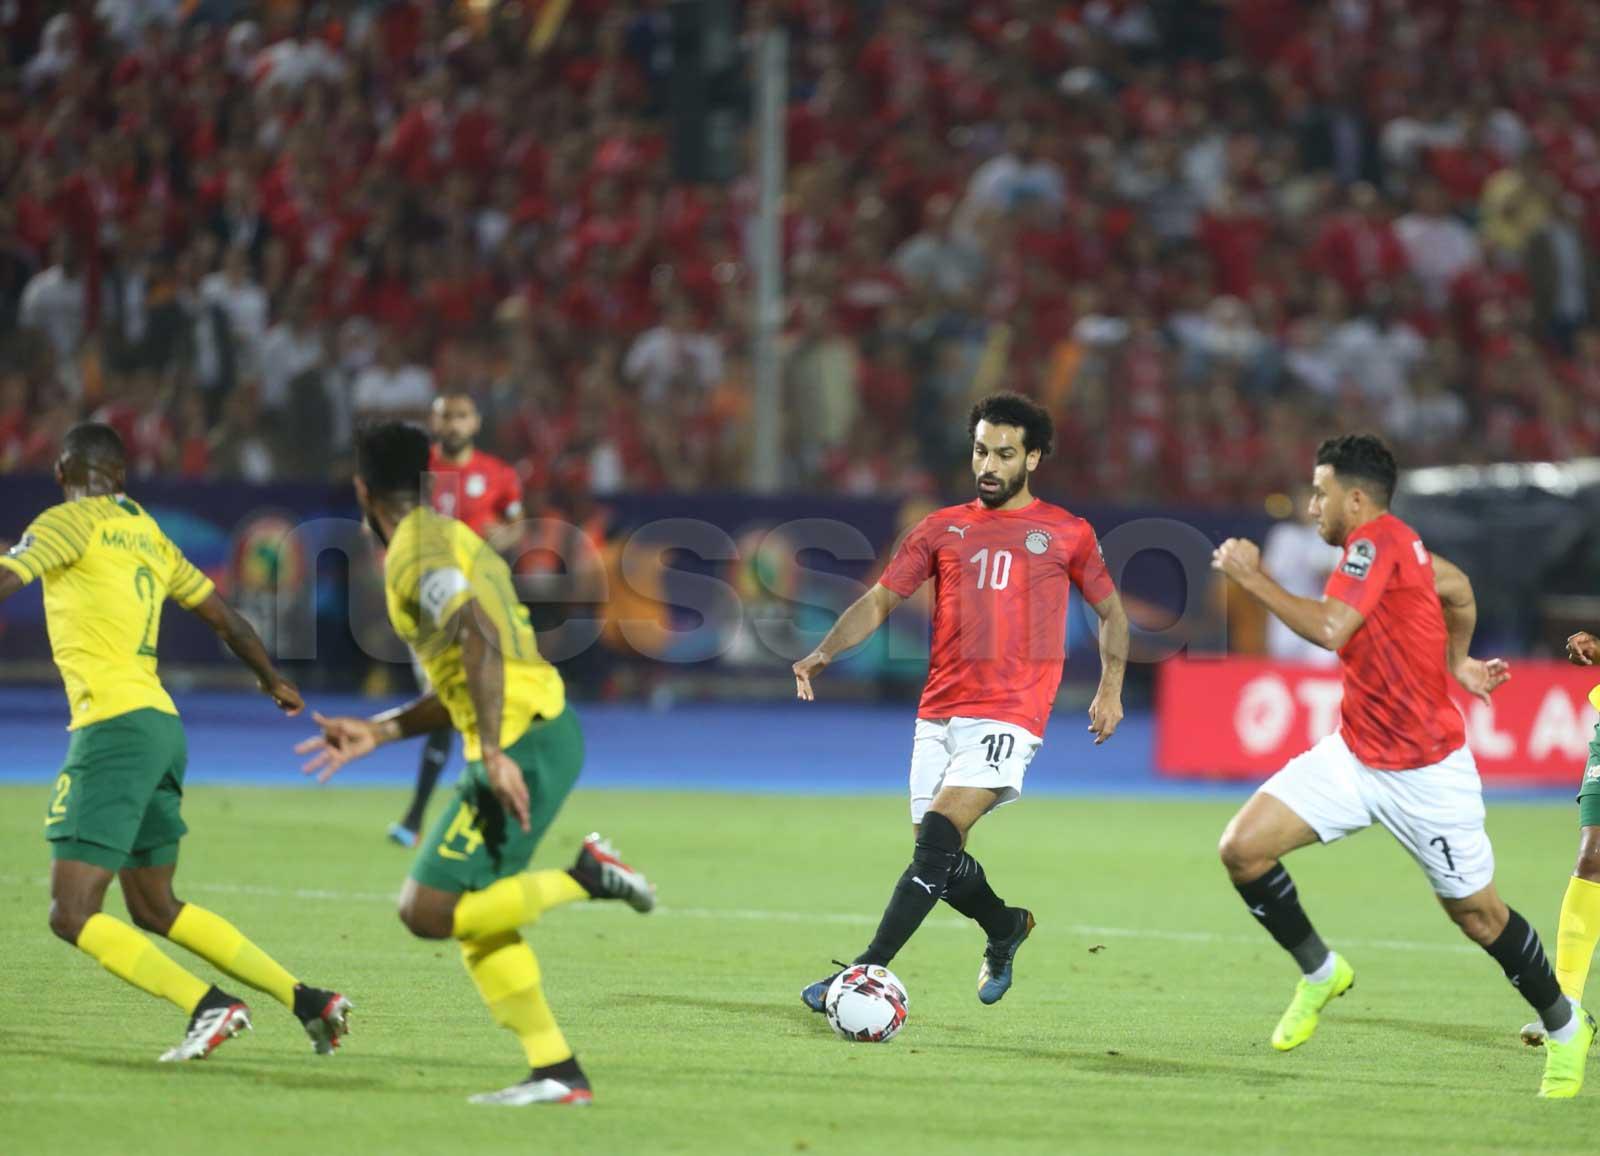 صور الشوط الأول من مباراة المنتخب المصري وجنوب إفريقيا